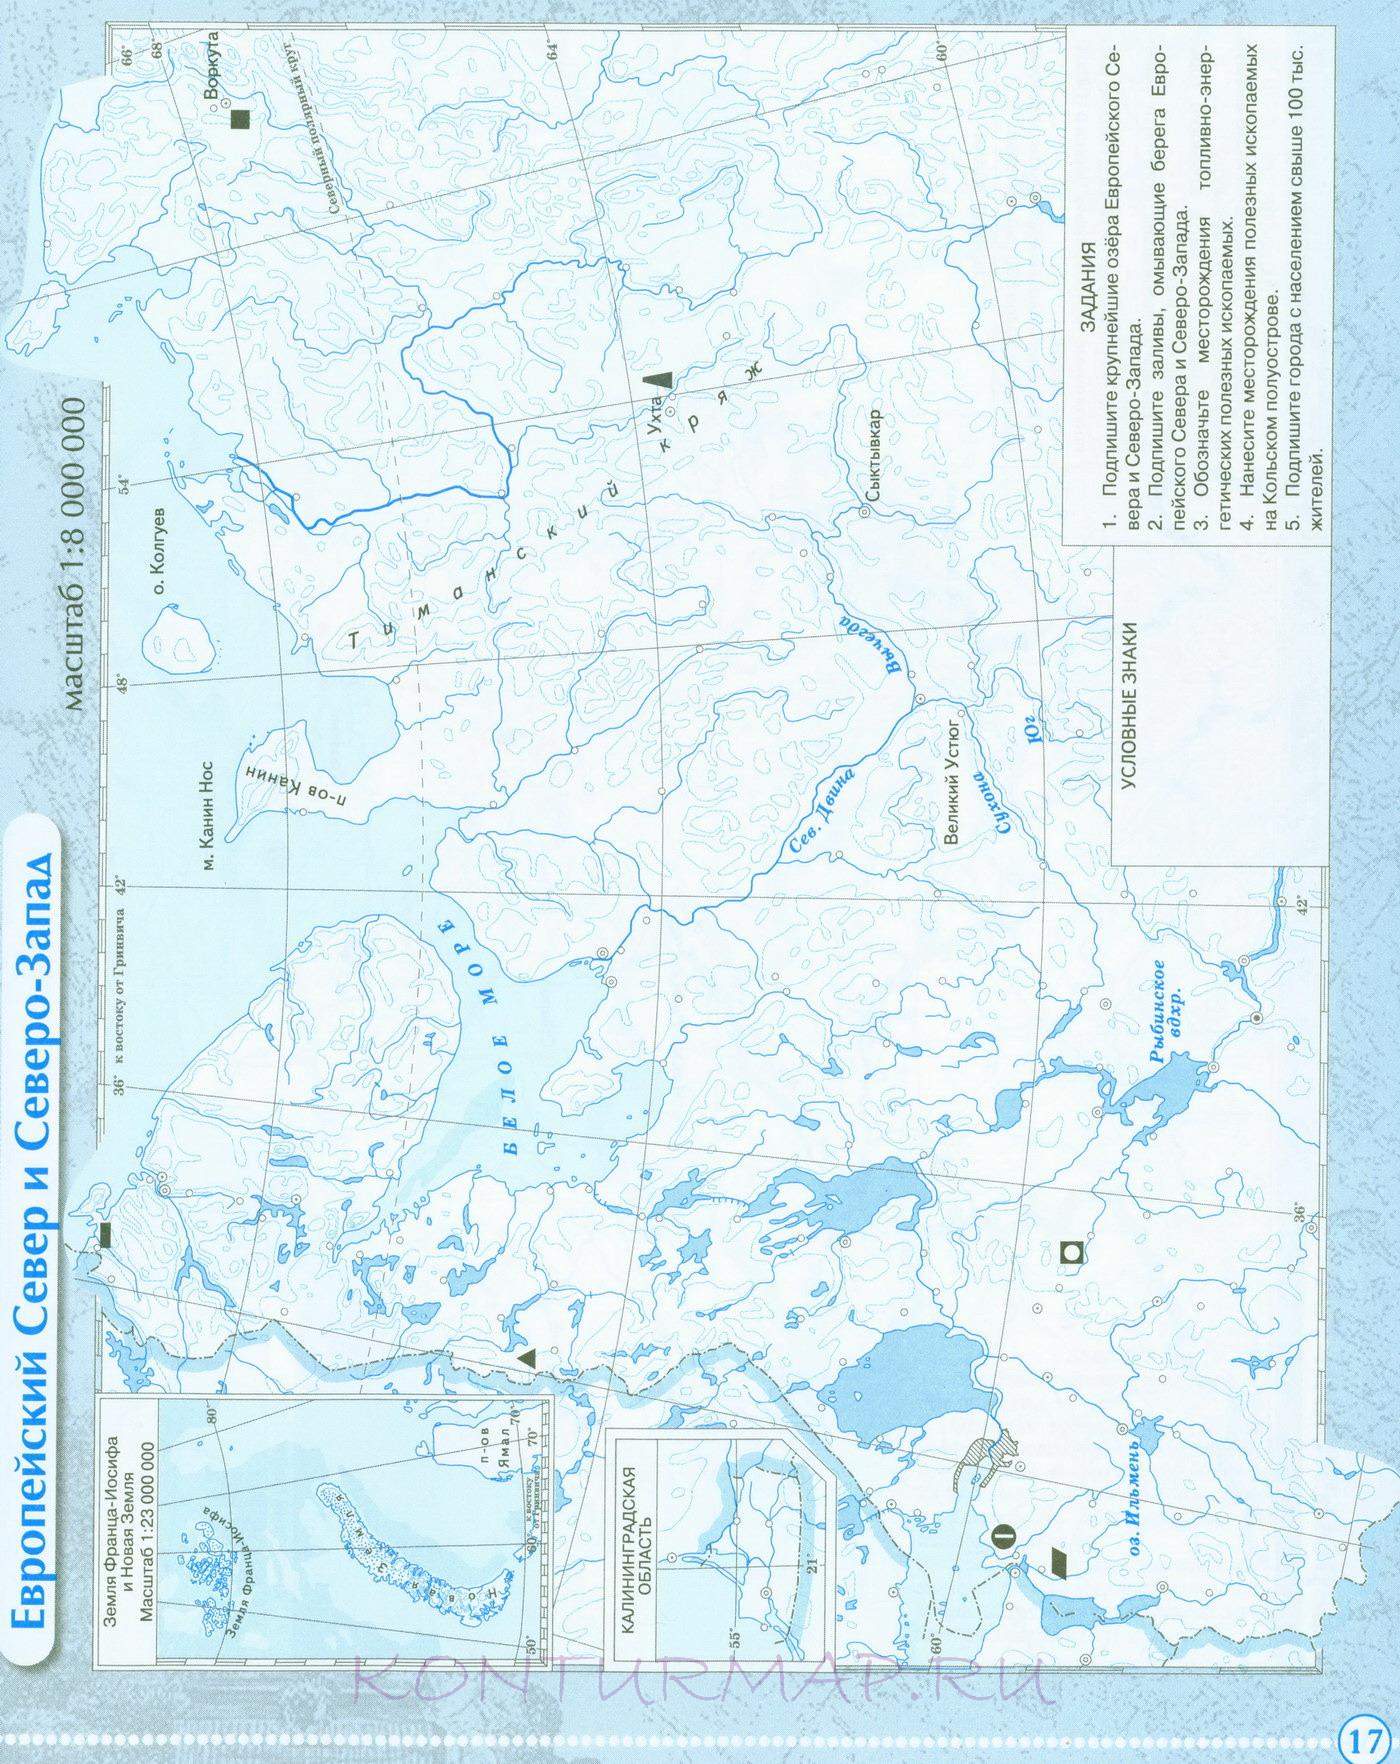 гдз география 8 класс алексеев контурная карта